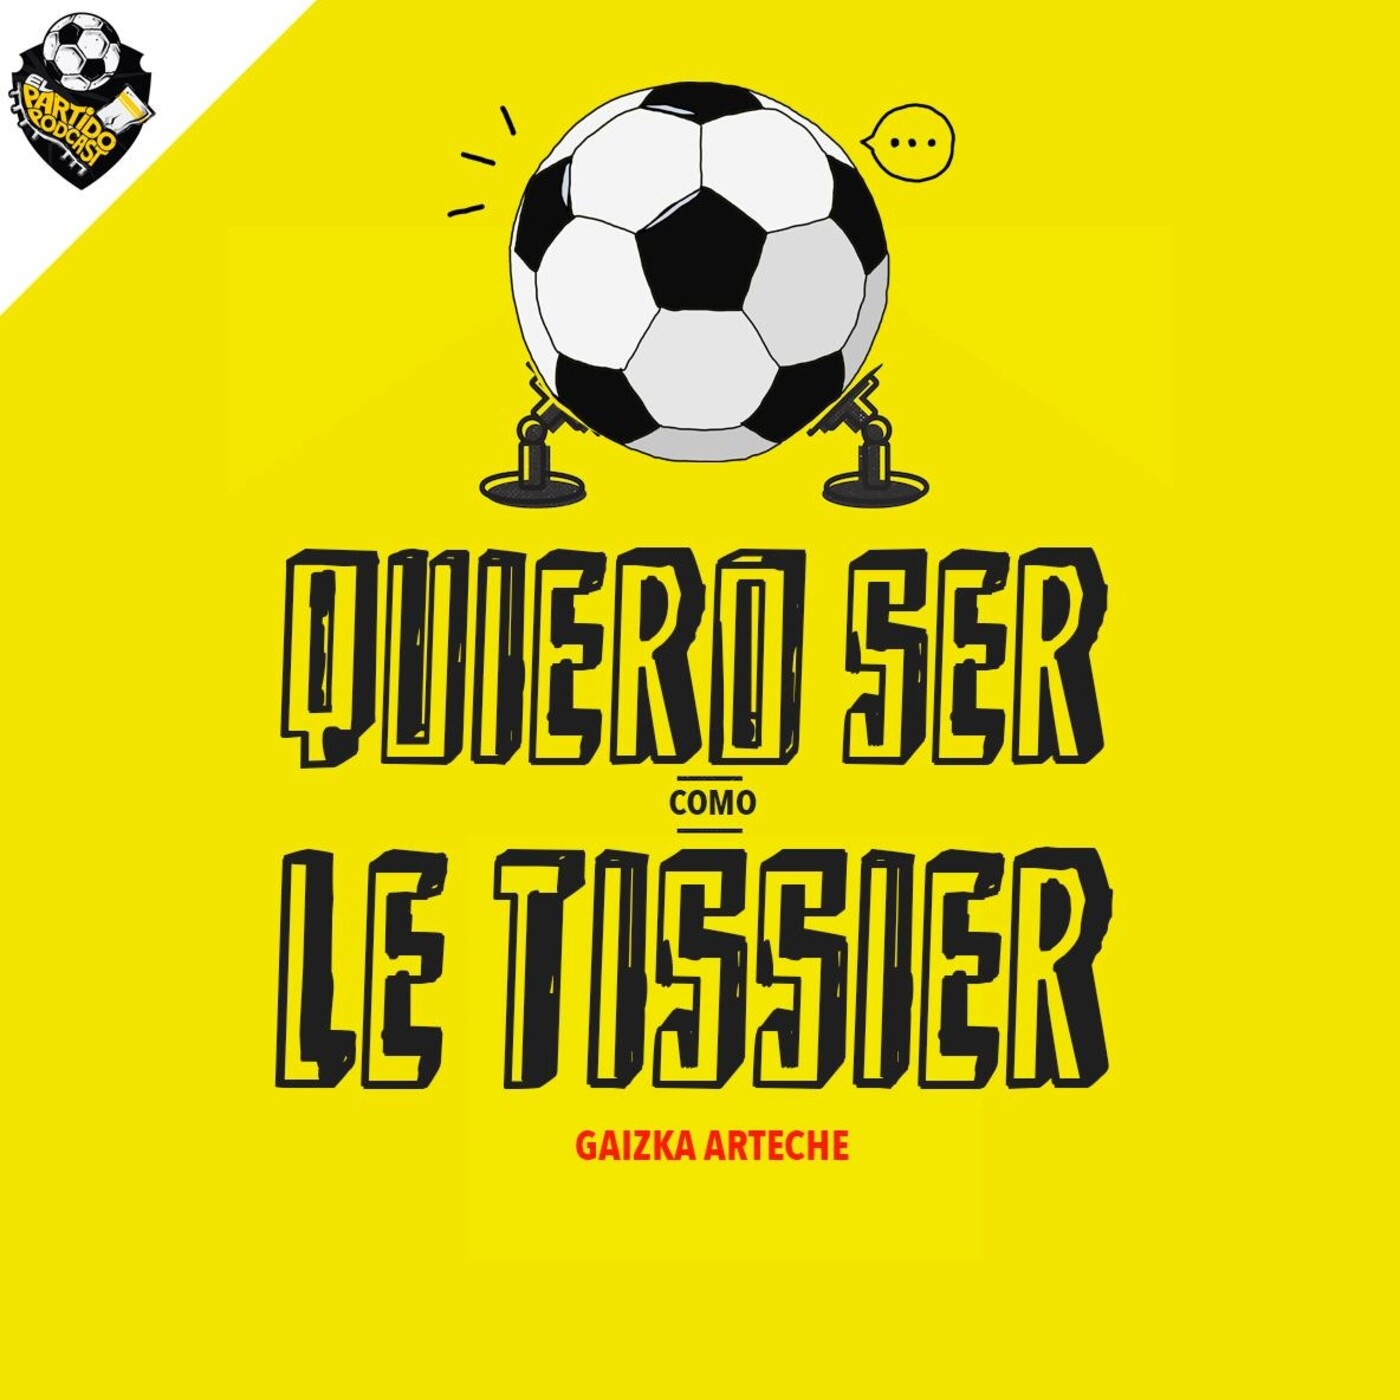 Ep 432: Quiero ser como Le Tissier 2x05 - FC Nordsjaelland, derecho a soñar